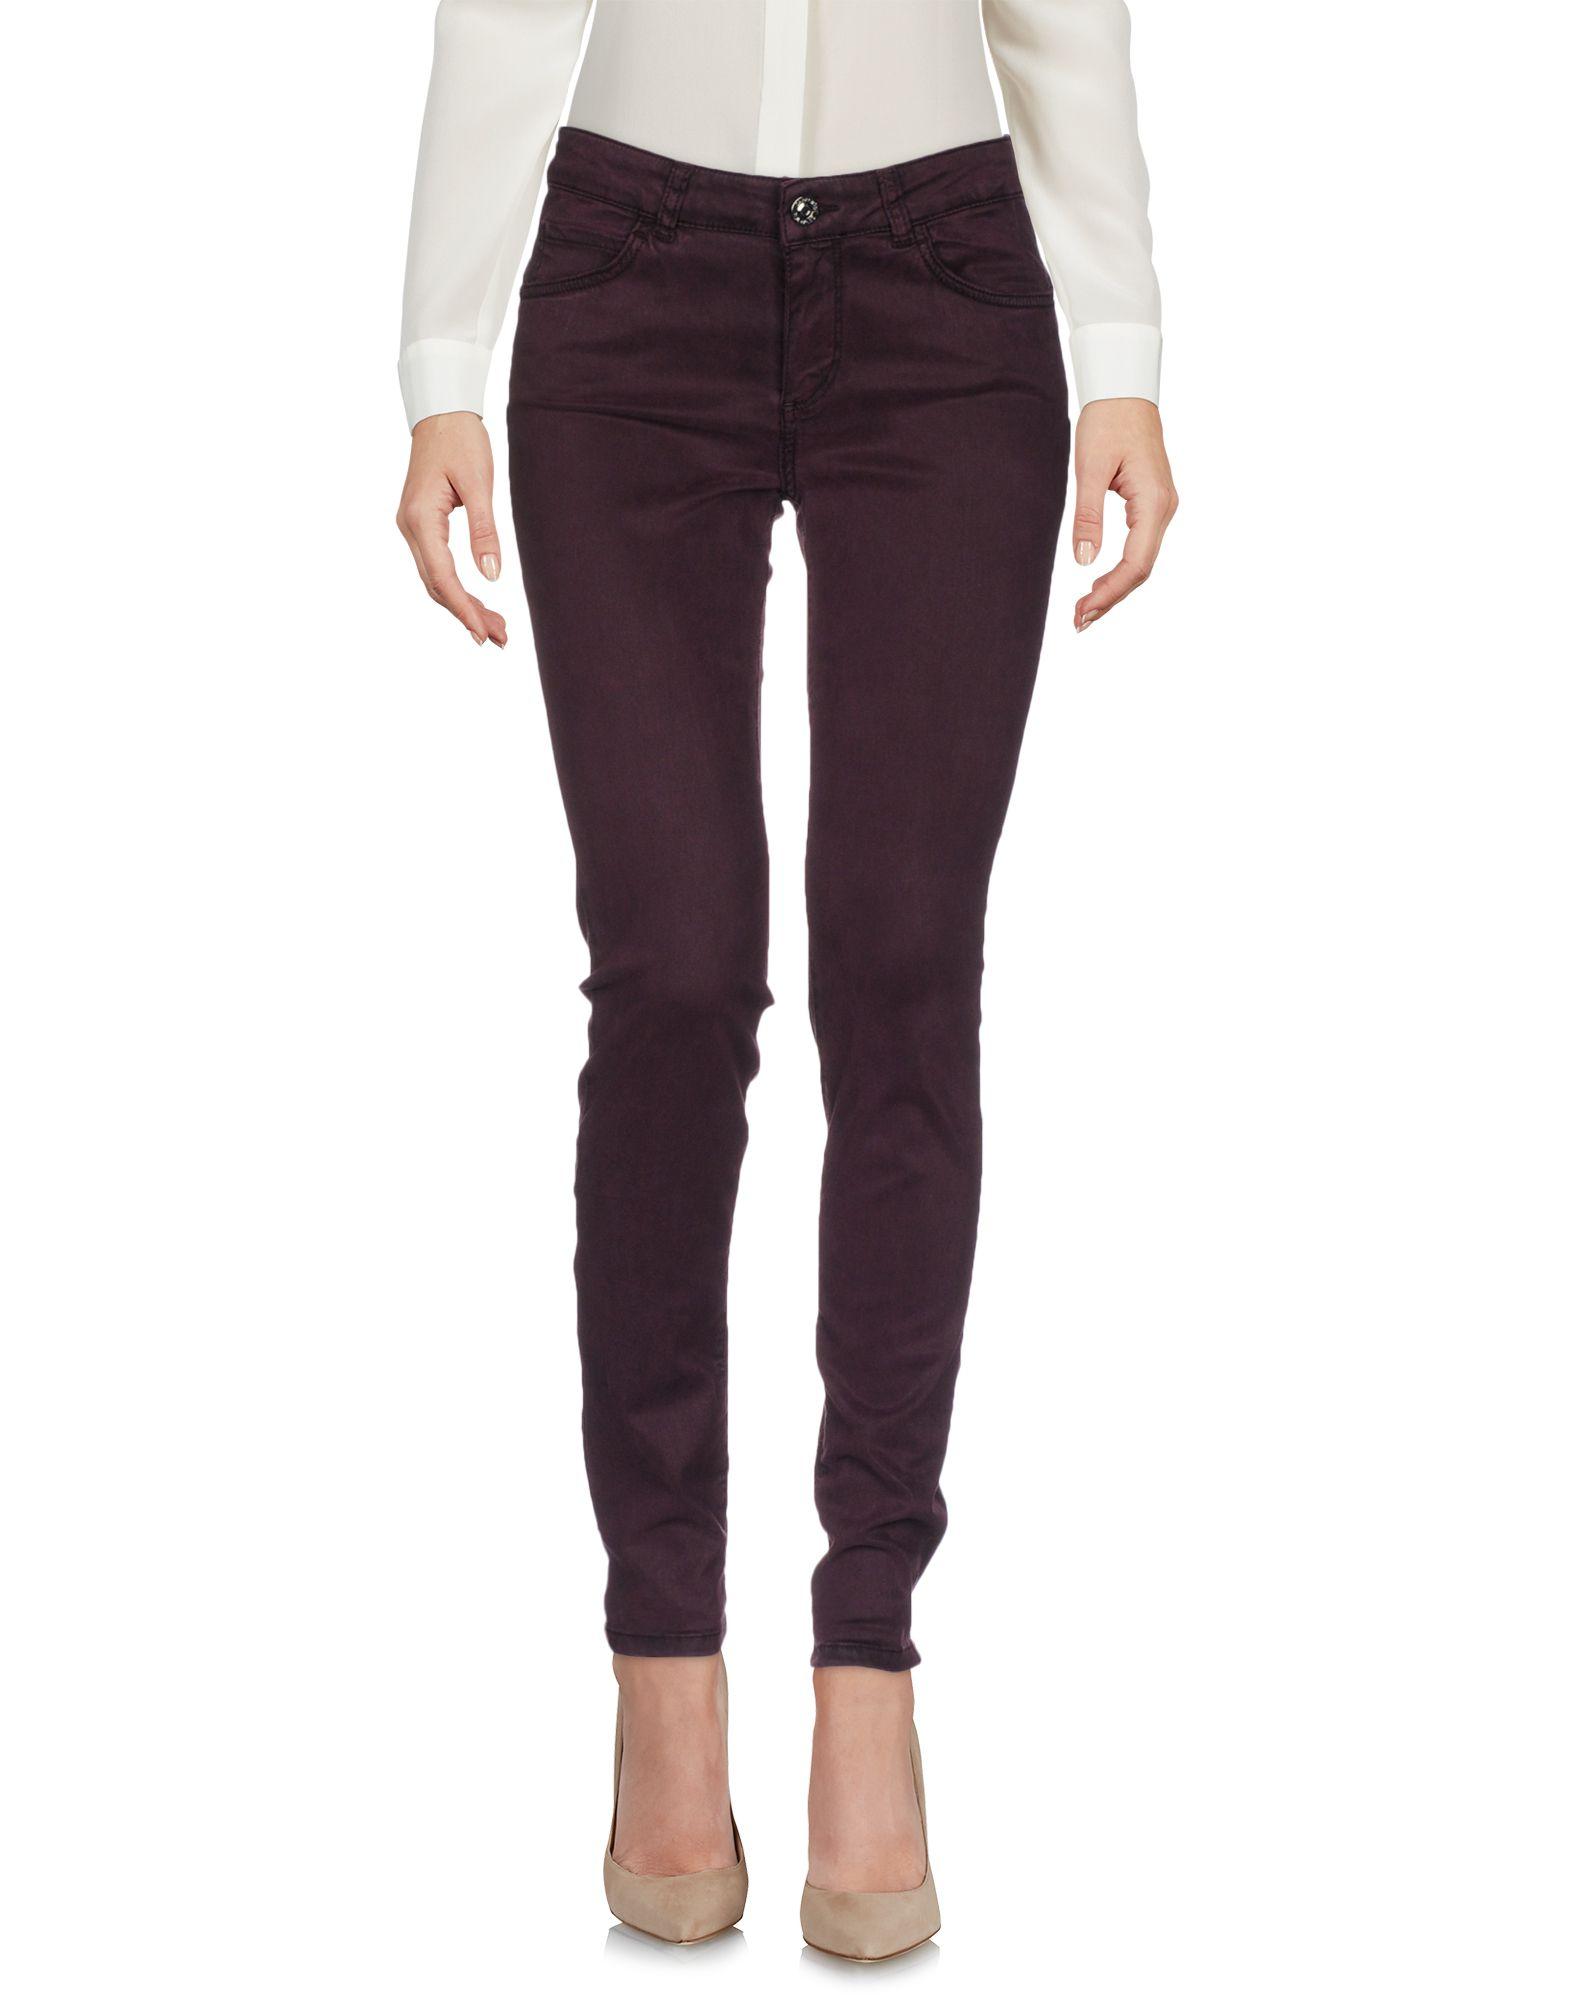 Pantalone Caractère donna - - 13176161WD  Alles in hoher Qualität und günstigem Preis